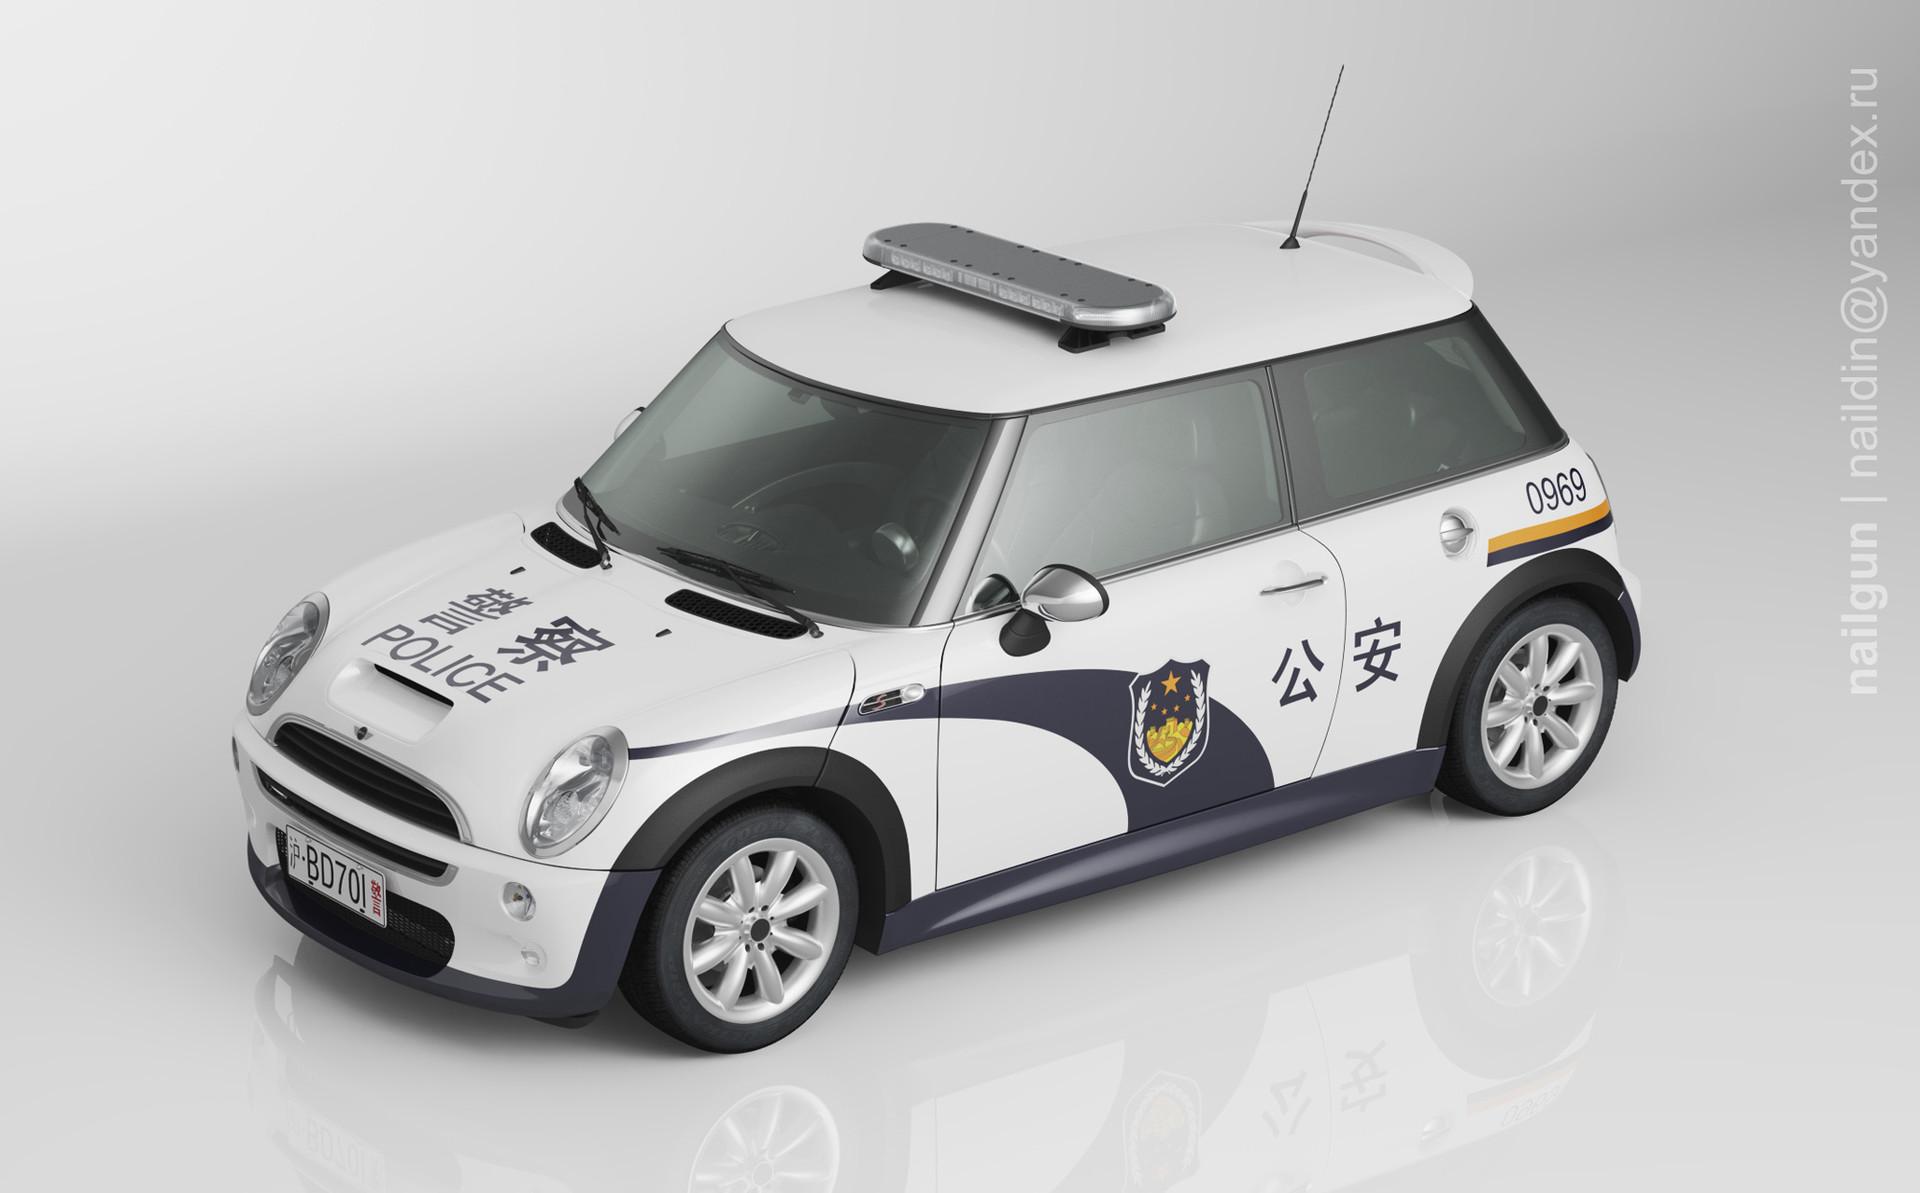 Nail khusnutdinov pwc 040 004 mini coopers 03 miniature